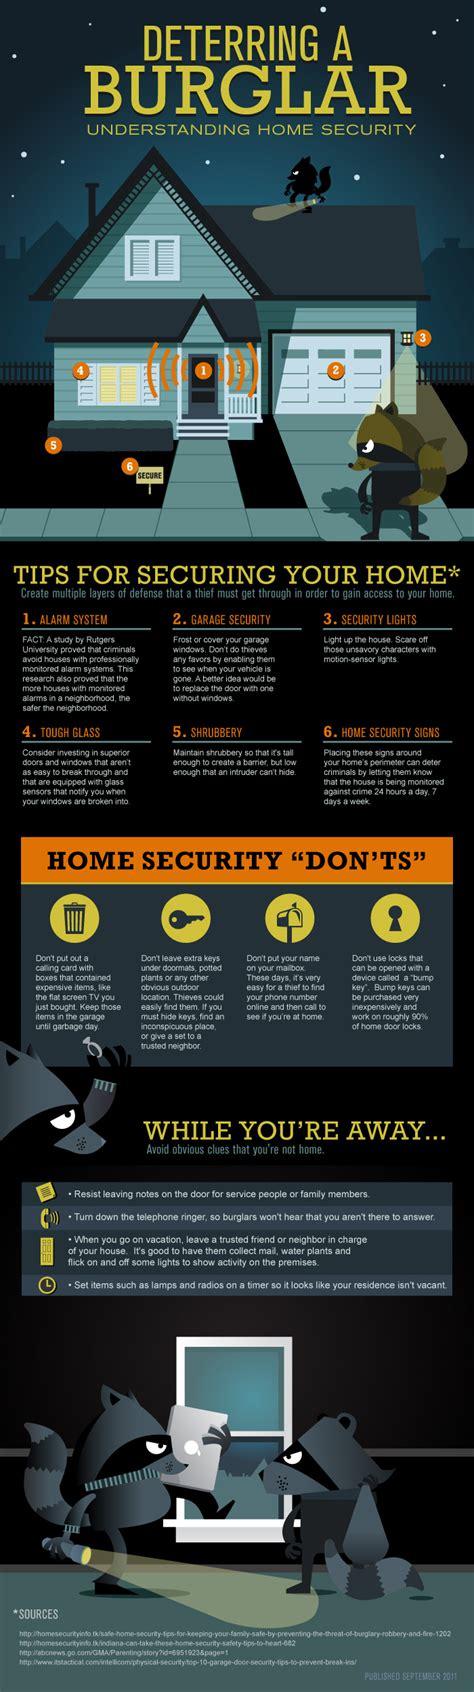 deterring a burglar understanding home security